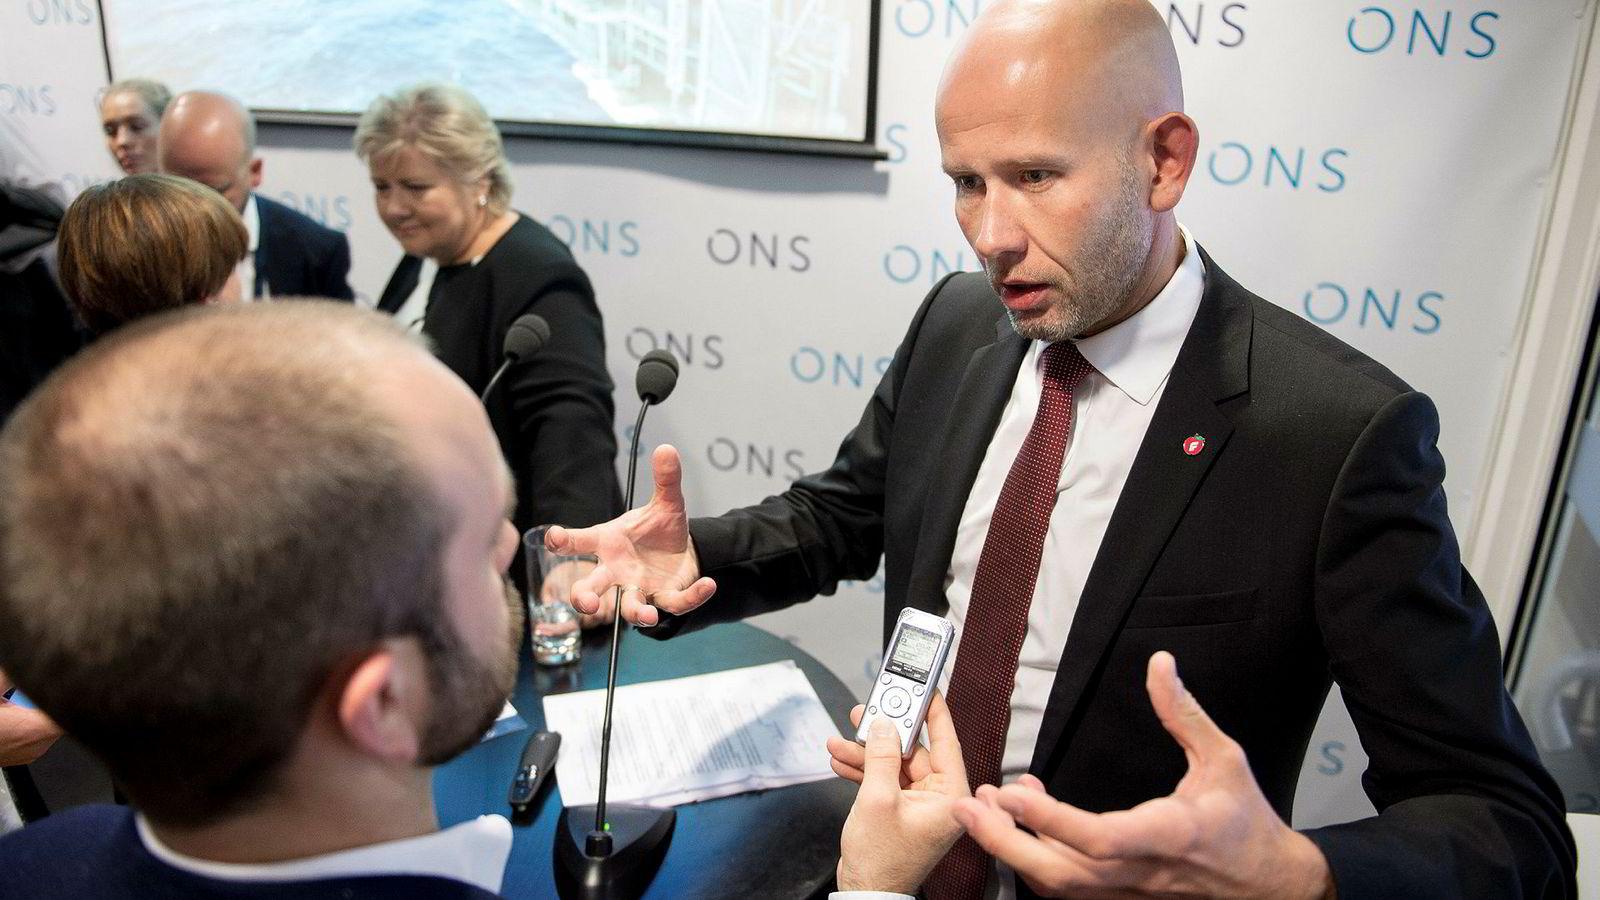 Statsminister Erna Solberg og Tord Lien er tidligere olje- og energiminister. Her under oljemessen ONS i Stavanger i 2016, sammen med statsminister Erna Solberg.